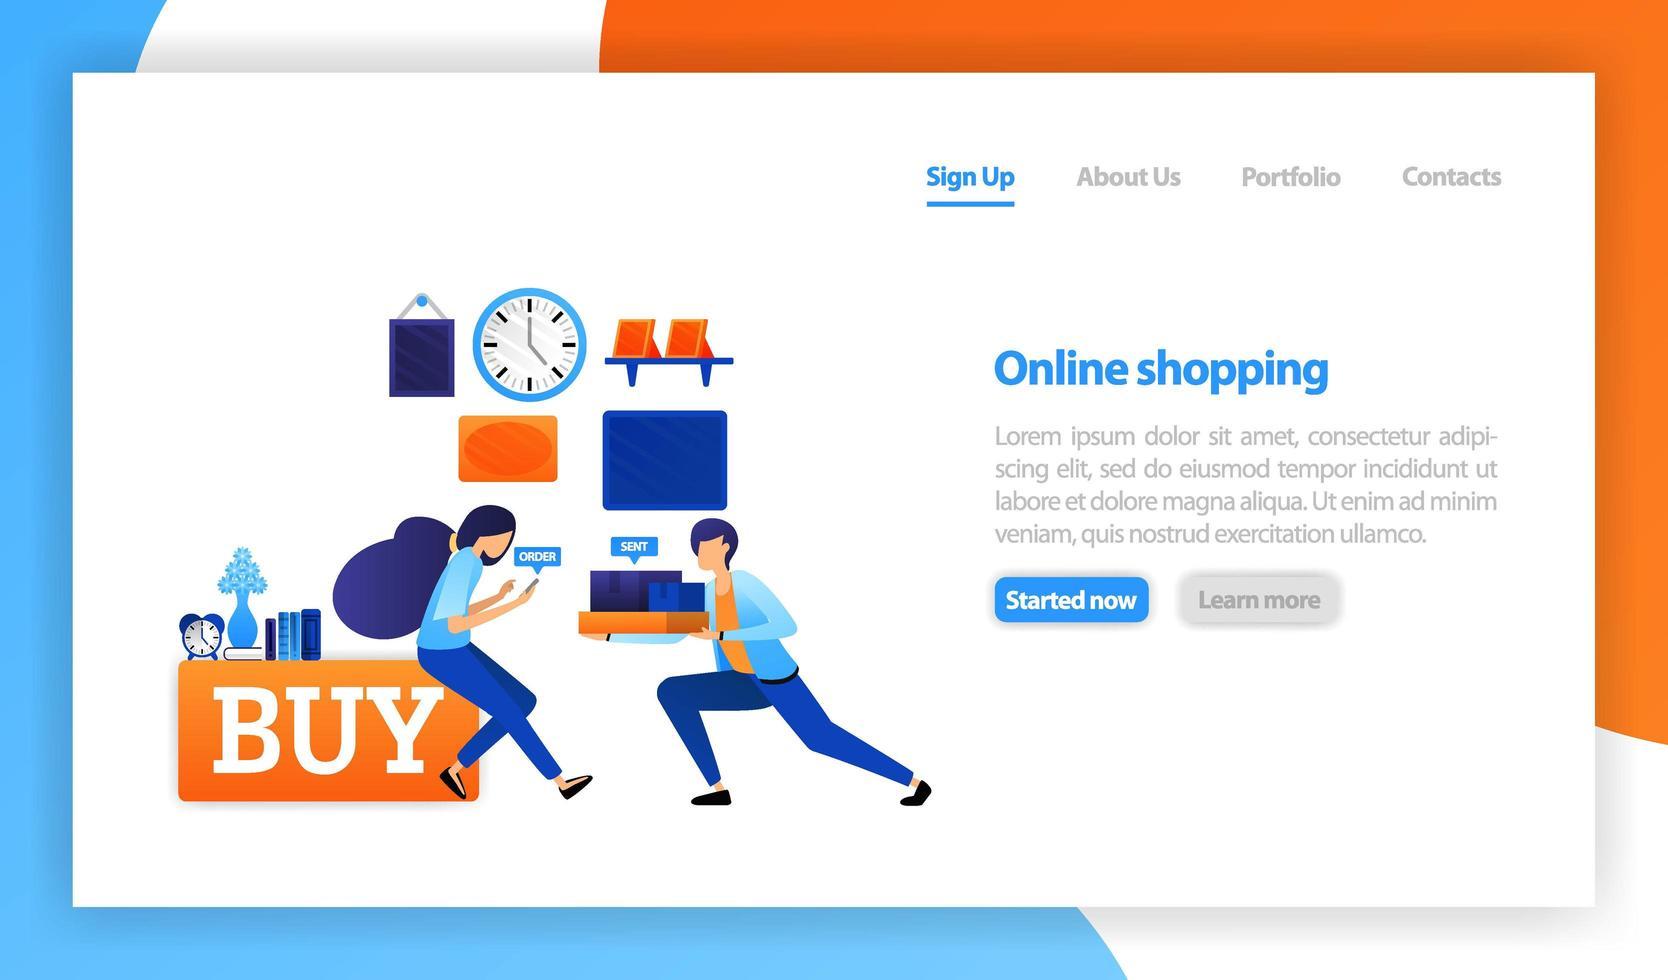 platt vektorillustration för webb, banner, målsida, mobil, ui. online shopping koncept, online butik affärsidé, köp och försäljning hemma, snabb leverans av varor och gåvor via online vektor